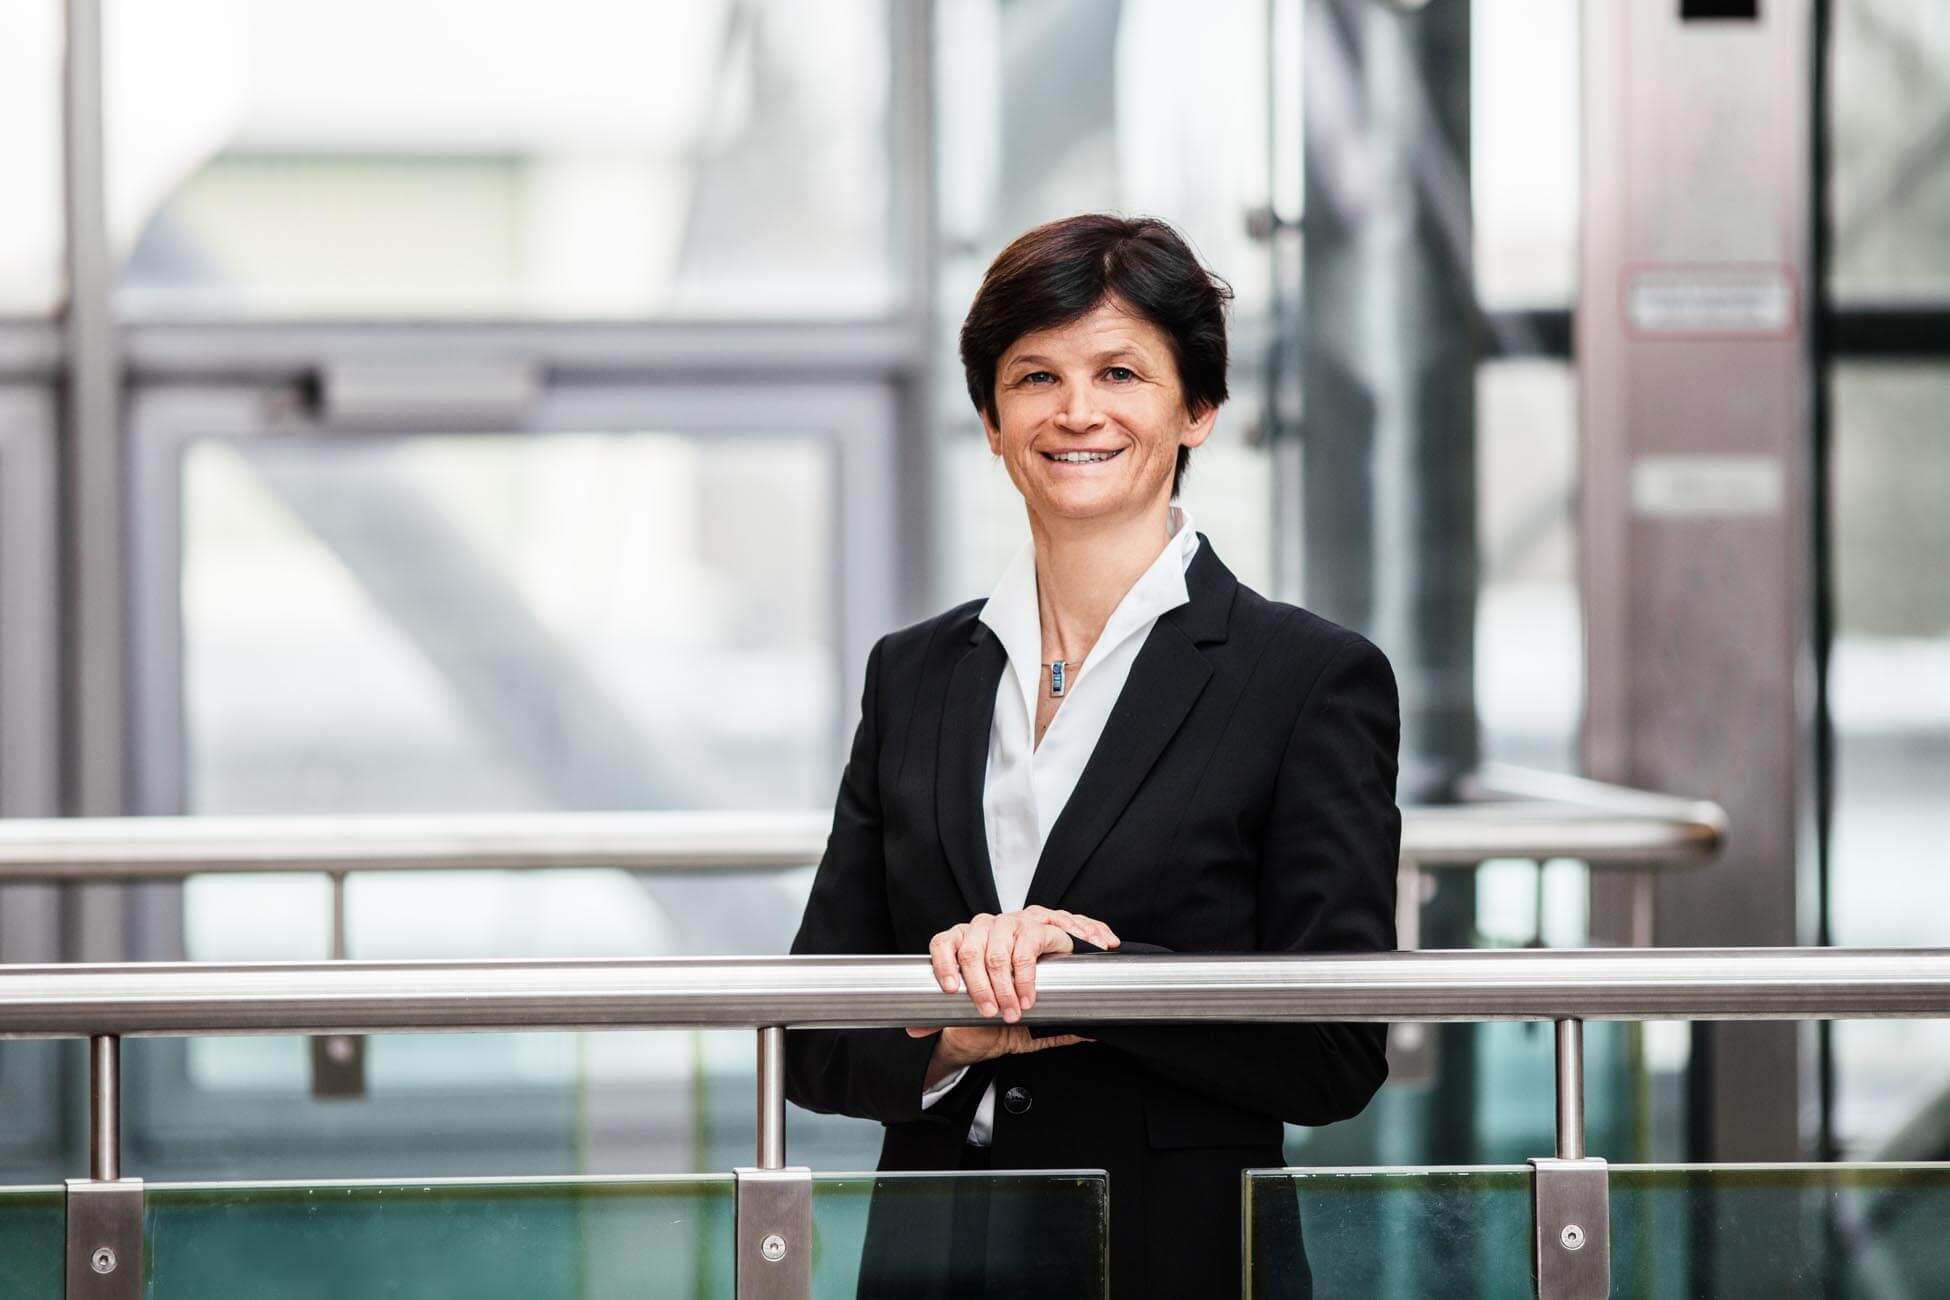 Rektoratsteam der Universität Klagenfurt in Kärnten Doris Hattenberger